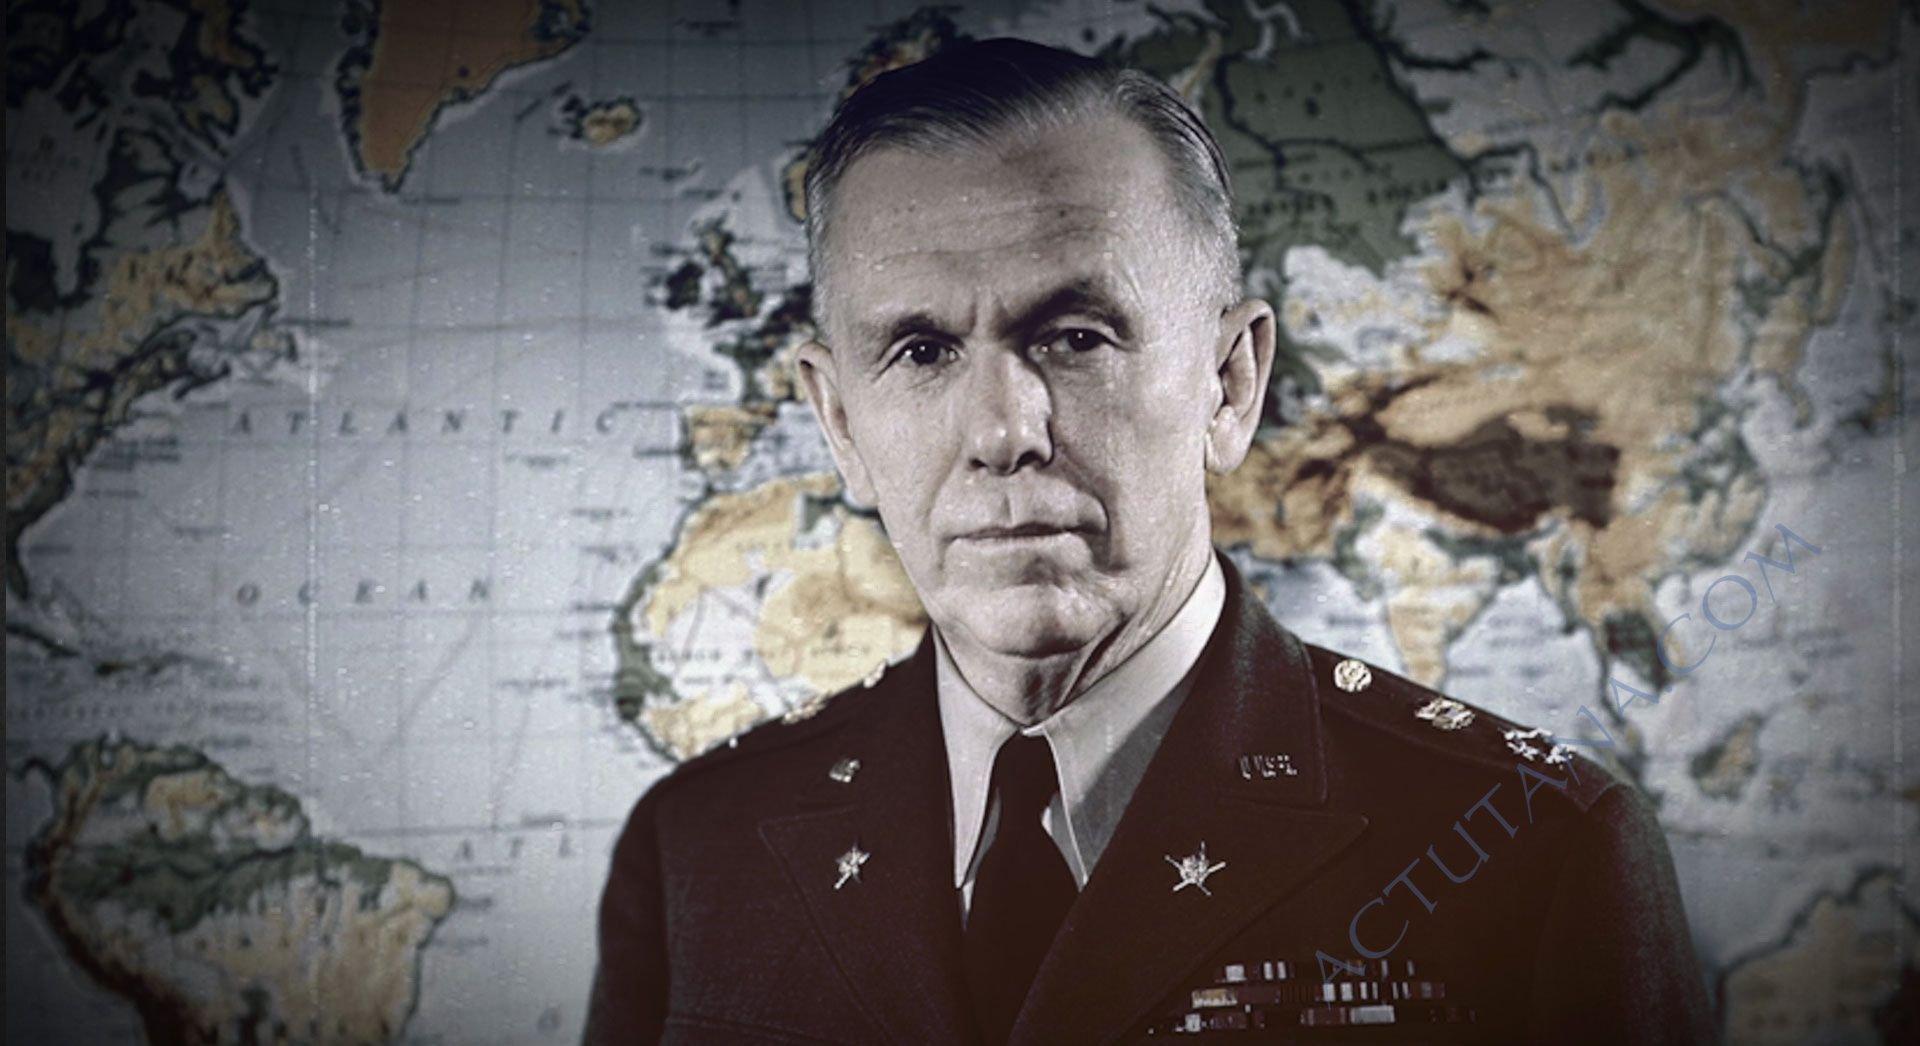 Général Georges C. Marshall